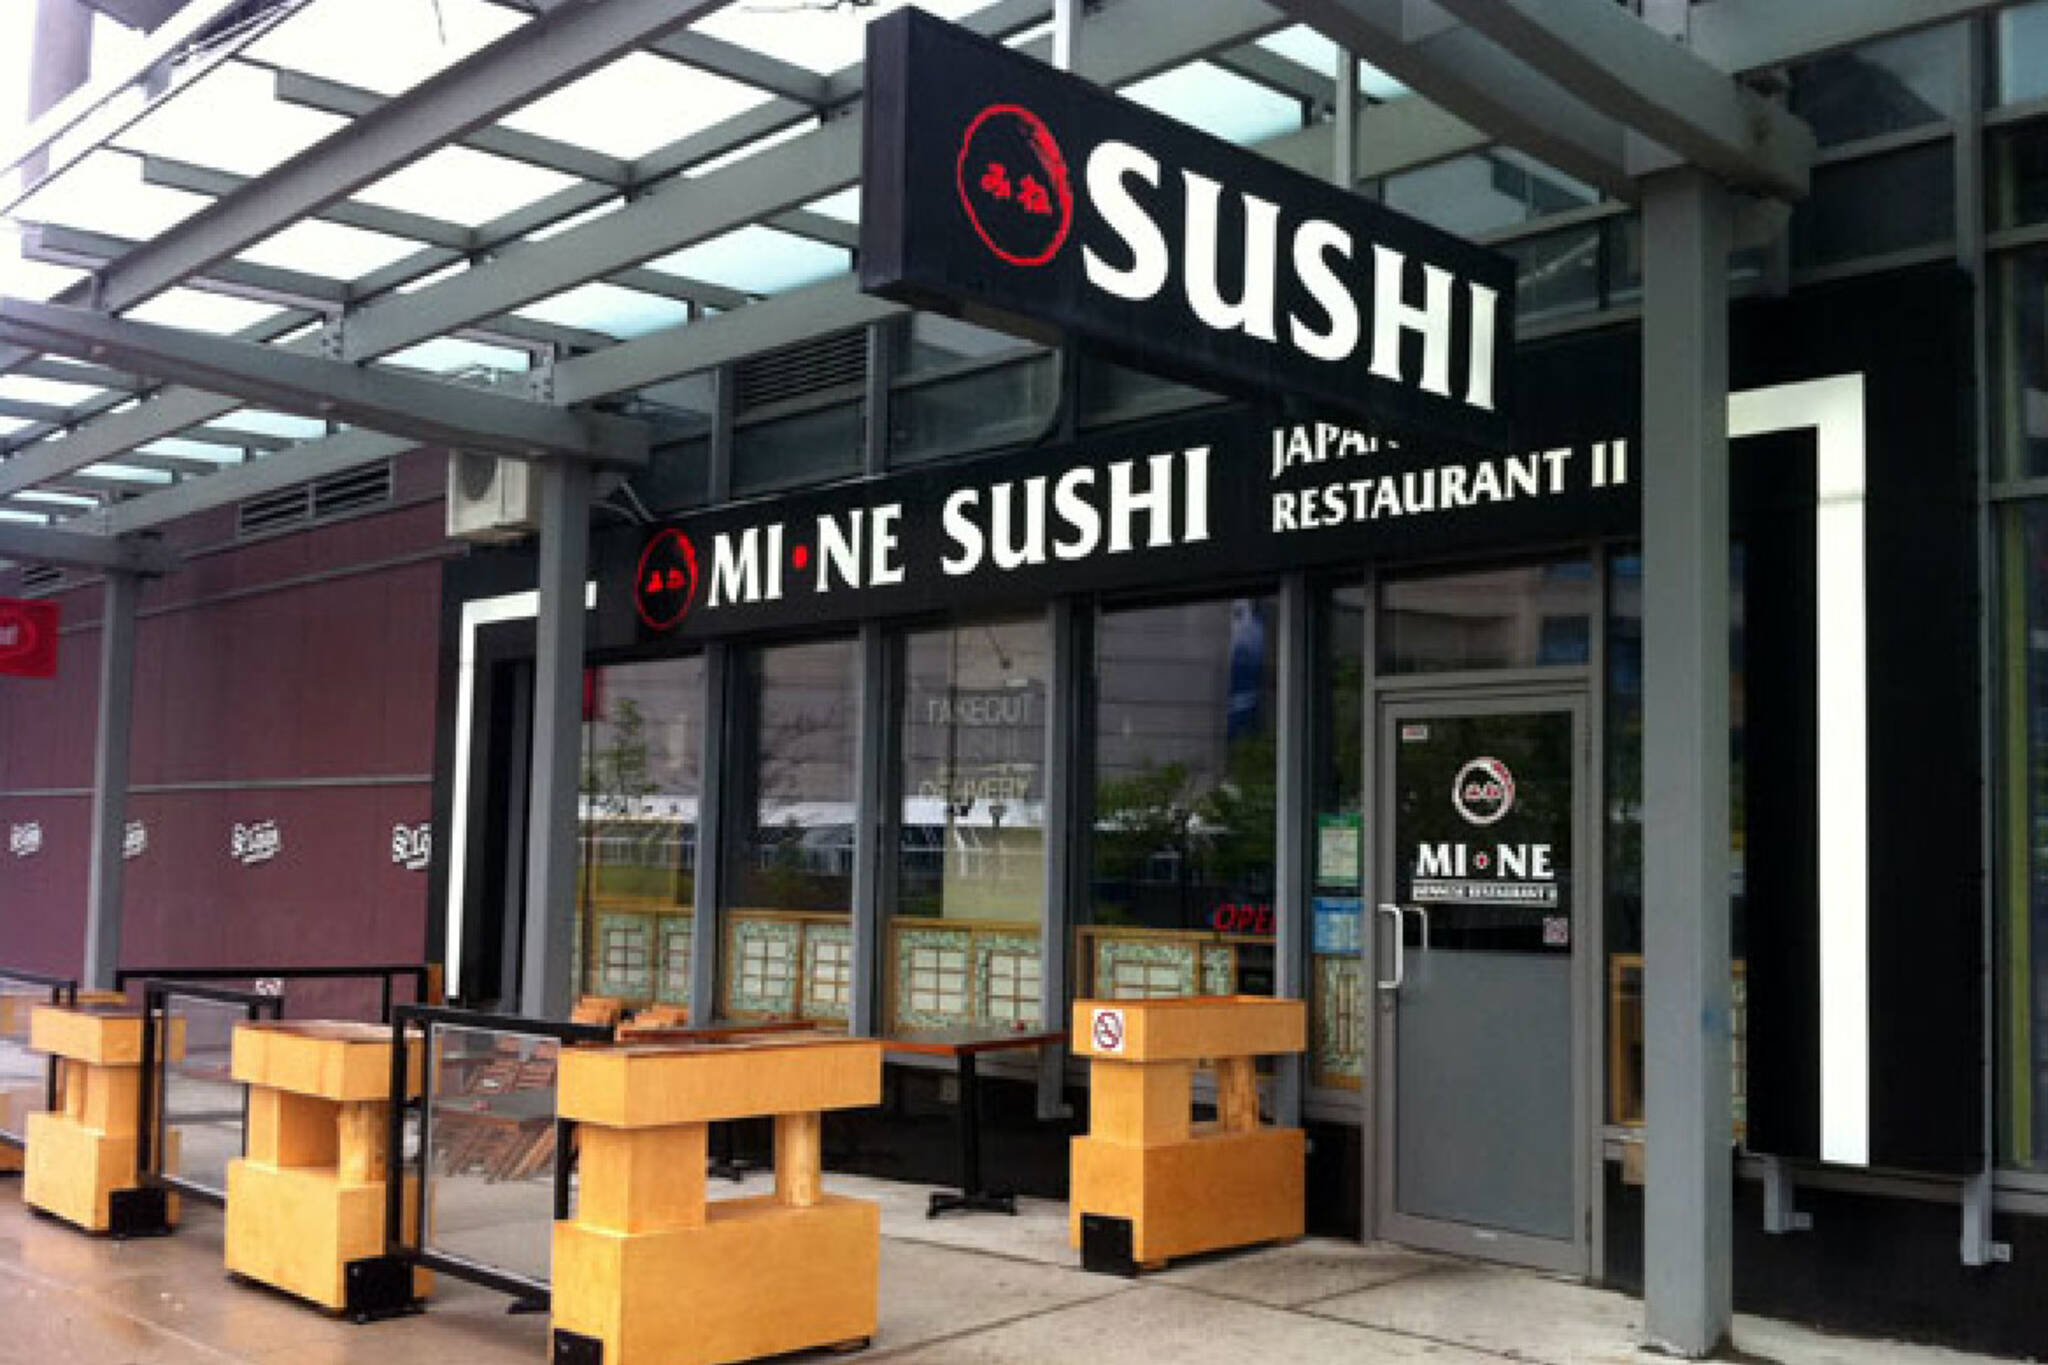 mi ne sushi toronto